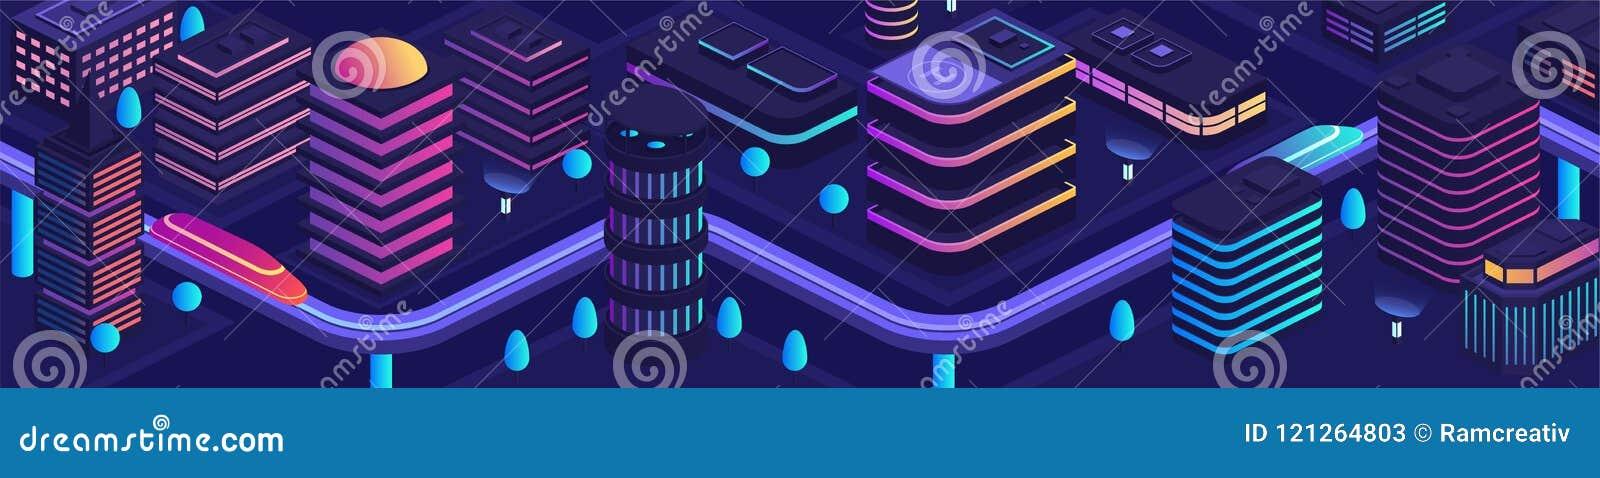 Mądrze miasto w futurystycznym stylu, miasto przyszłość centrum biznesu architektonicznej ilustracji temat